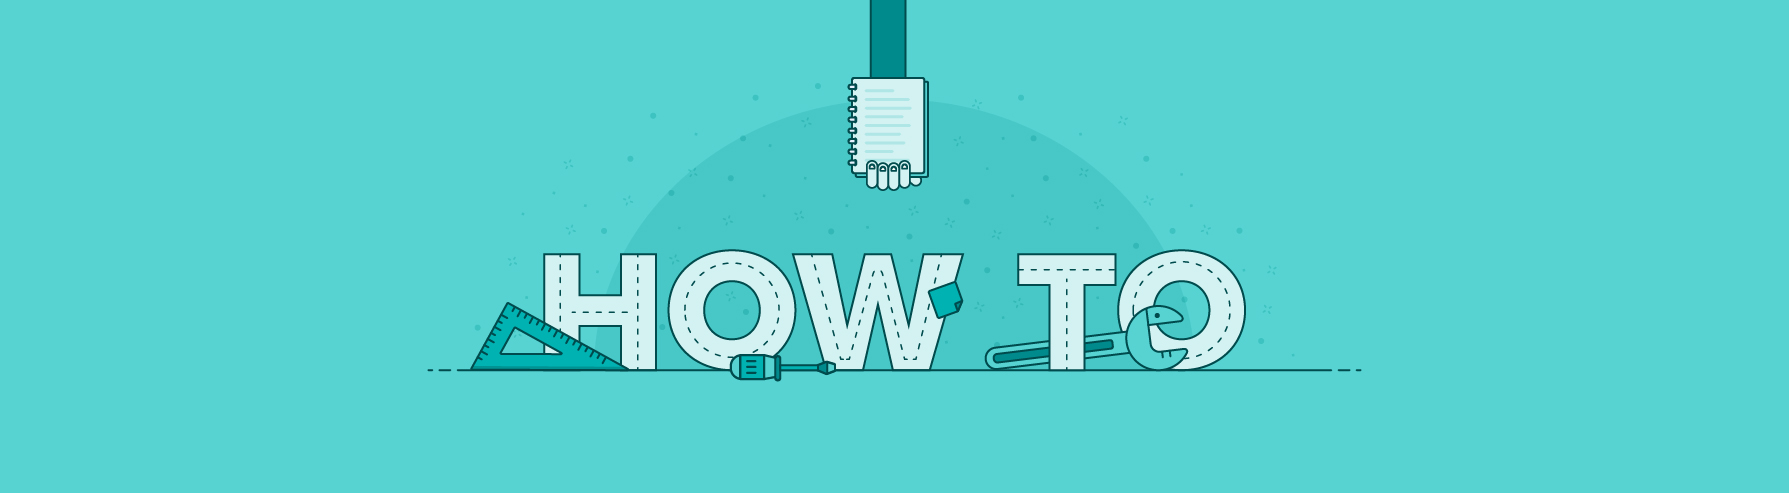 Wie Kann Ich Einen Mobilen Arbeitsauftrag Erstellen Teamleader